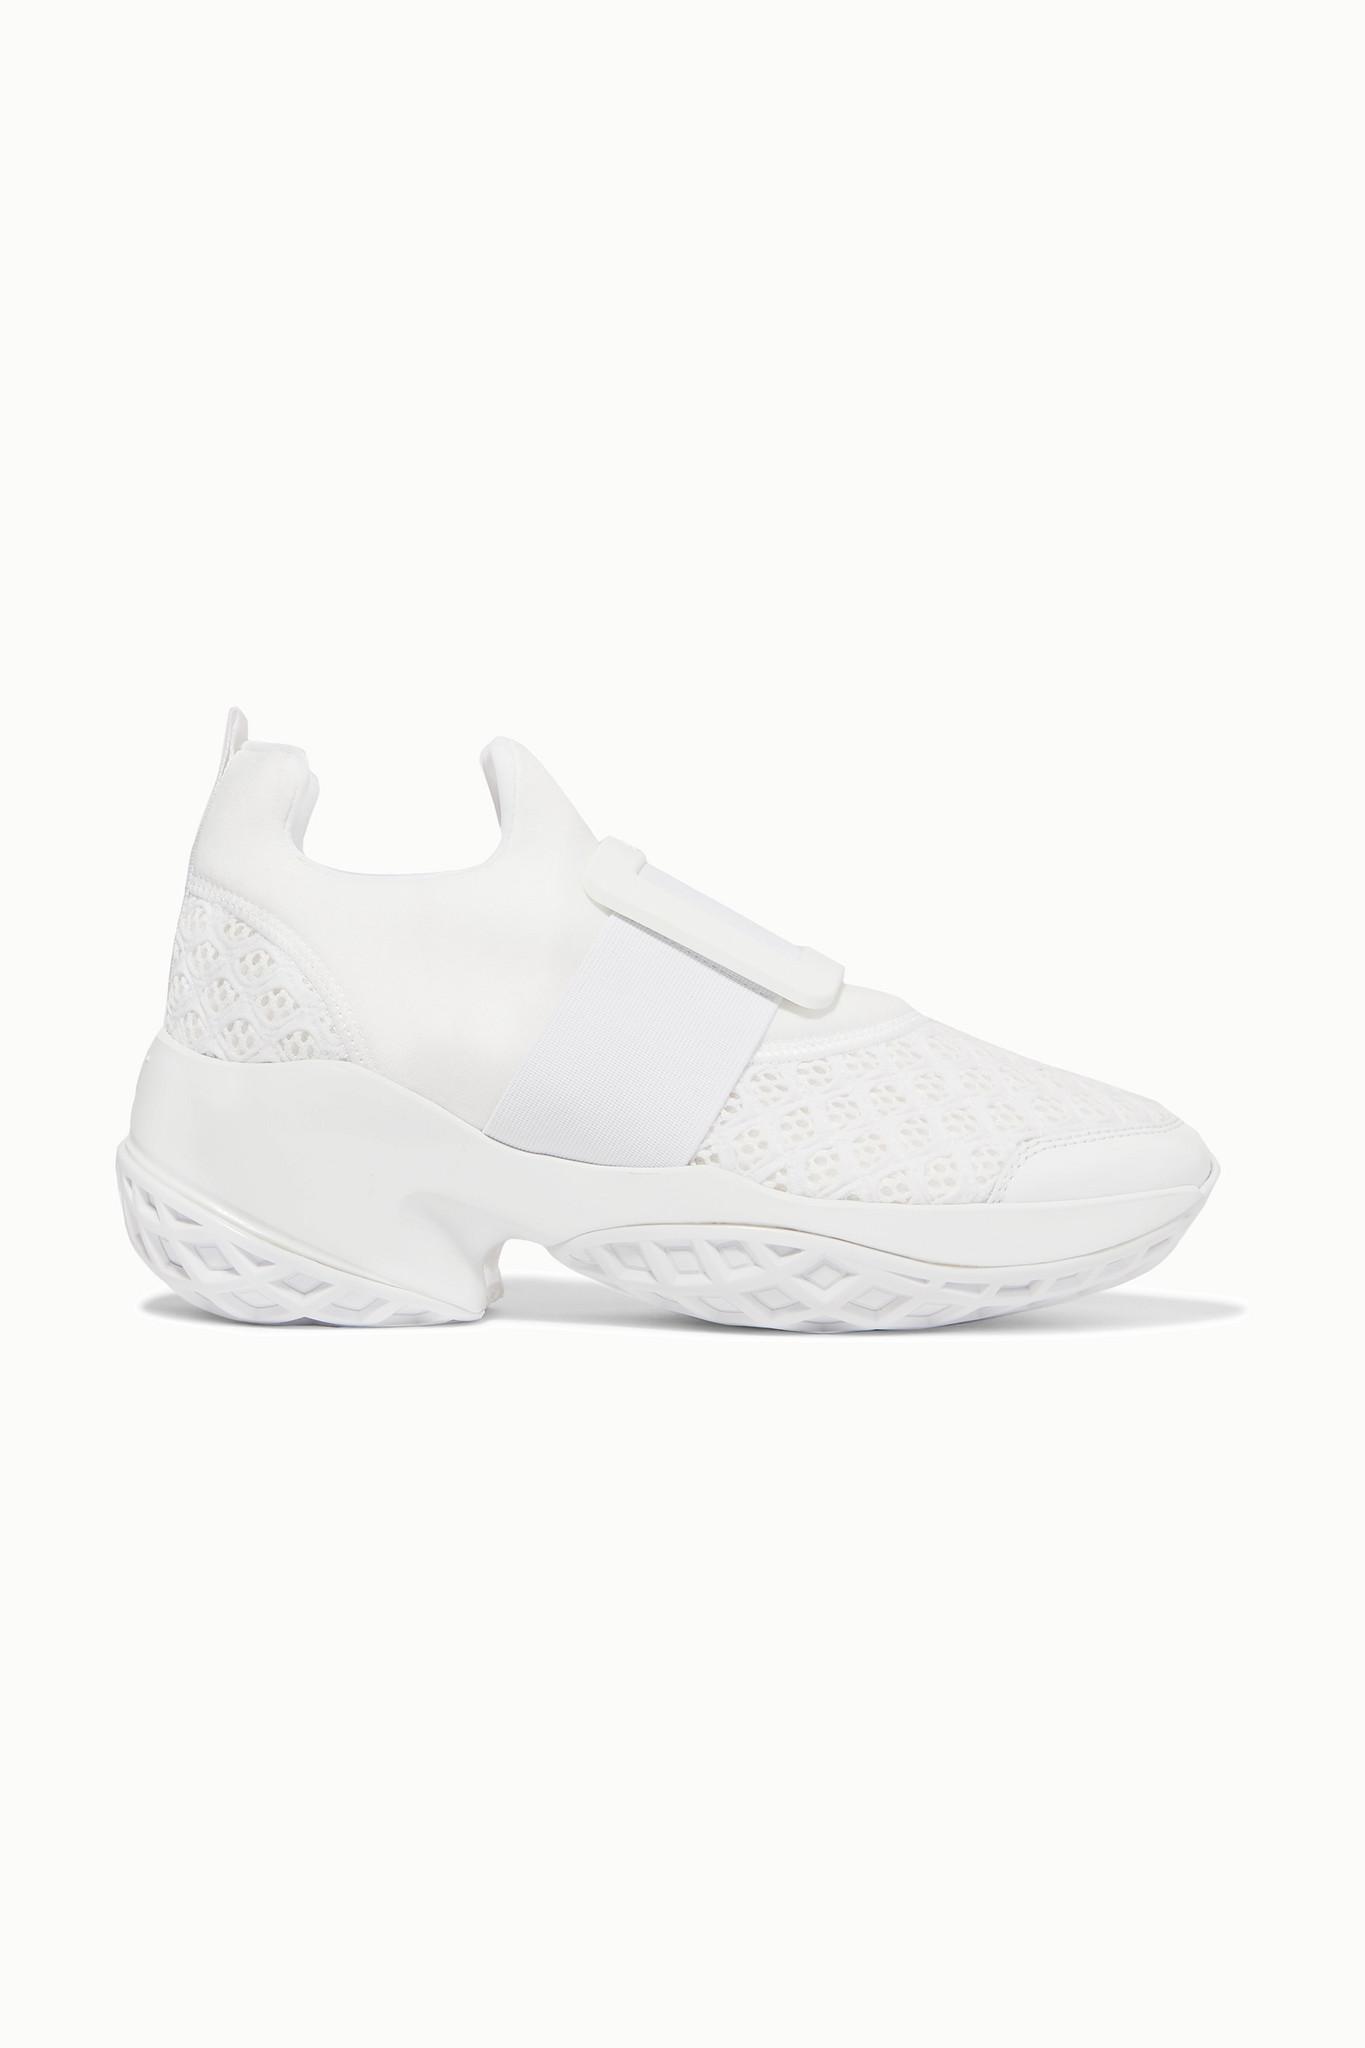 ROGER VIVIER - Viv Run Neoprene, Mesh And Leather Sneakers - White - IT40